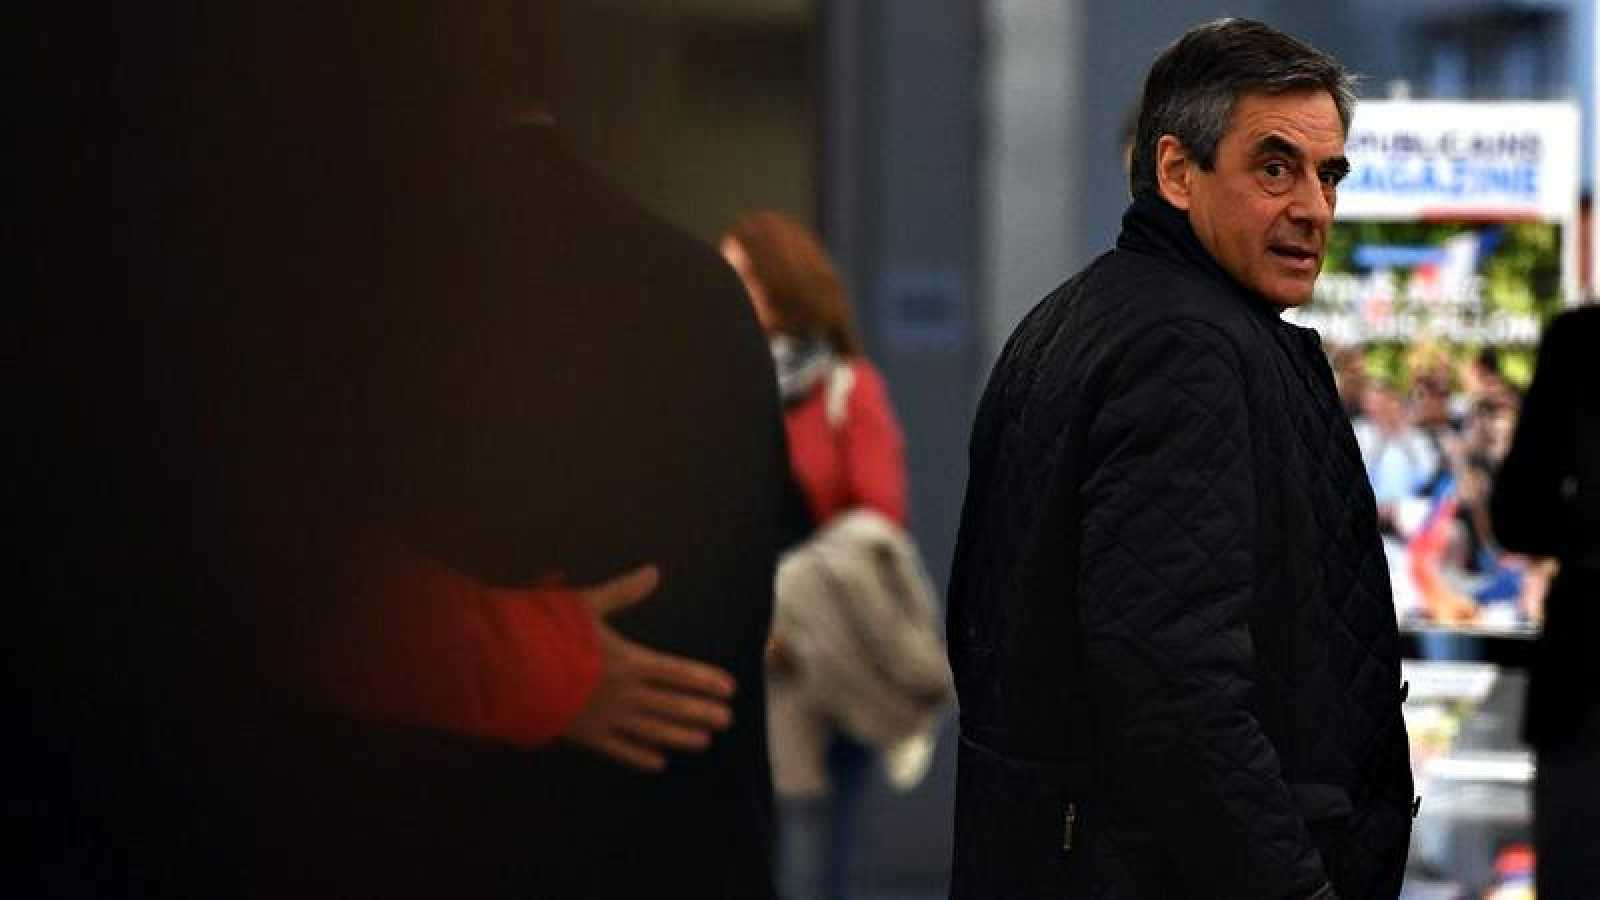 El candidato conservador al Elíseo, François Fillon, este lunes a su llegada a la reunión de Los Republicanos